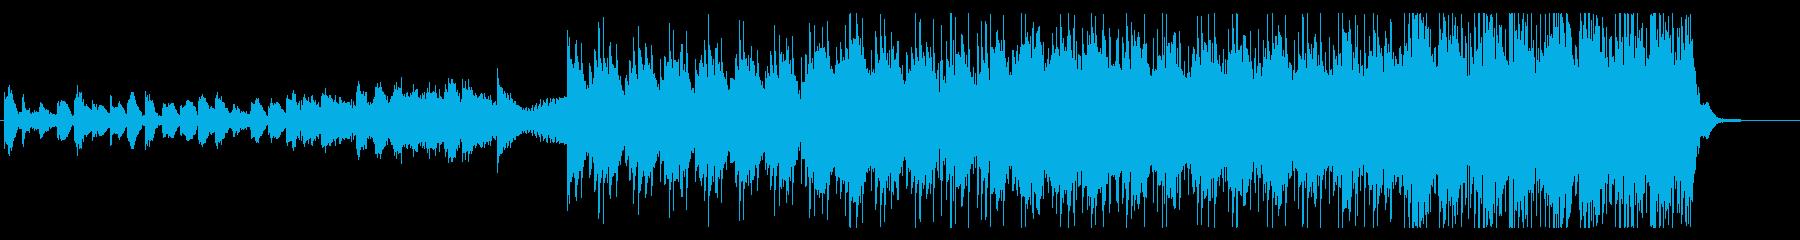 映画の予告編(トレーラー)風の楽曲の再生済みの波形